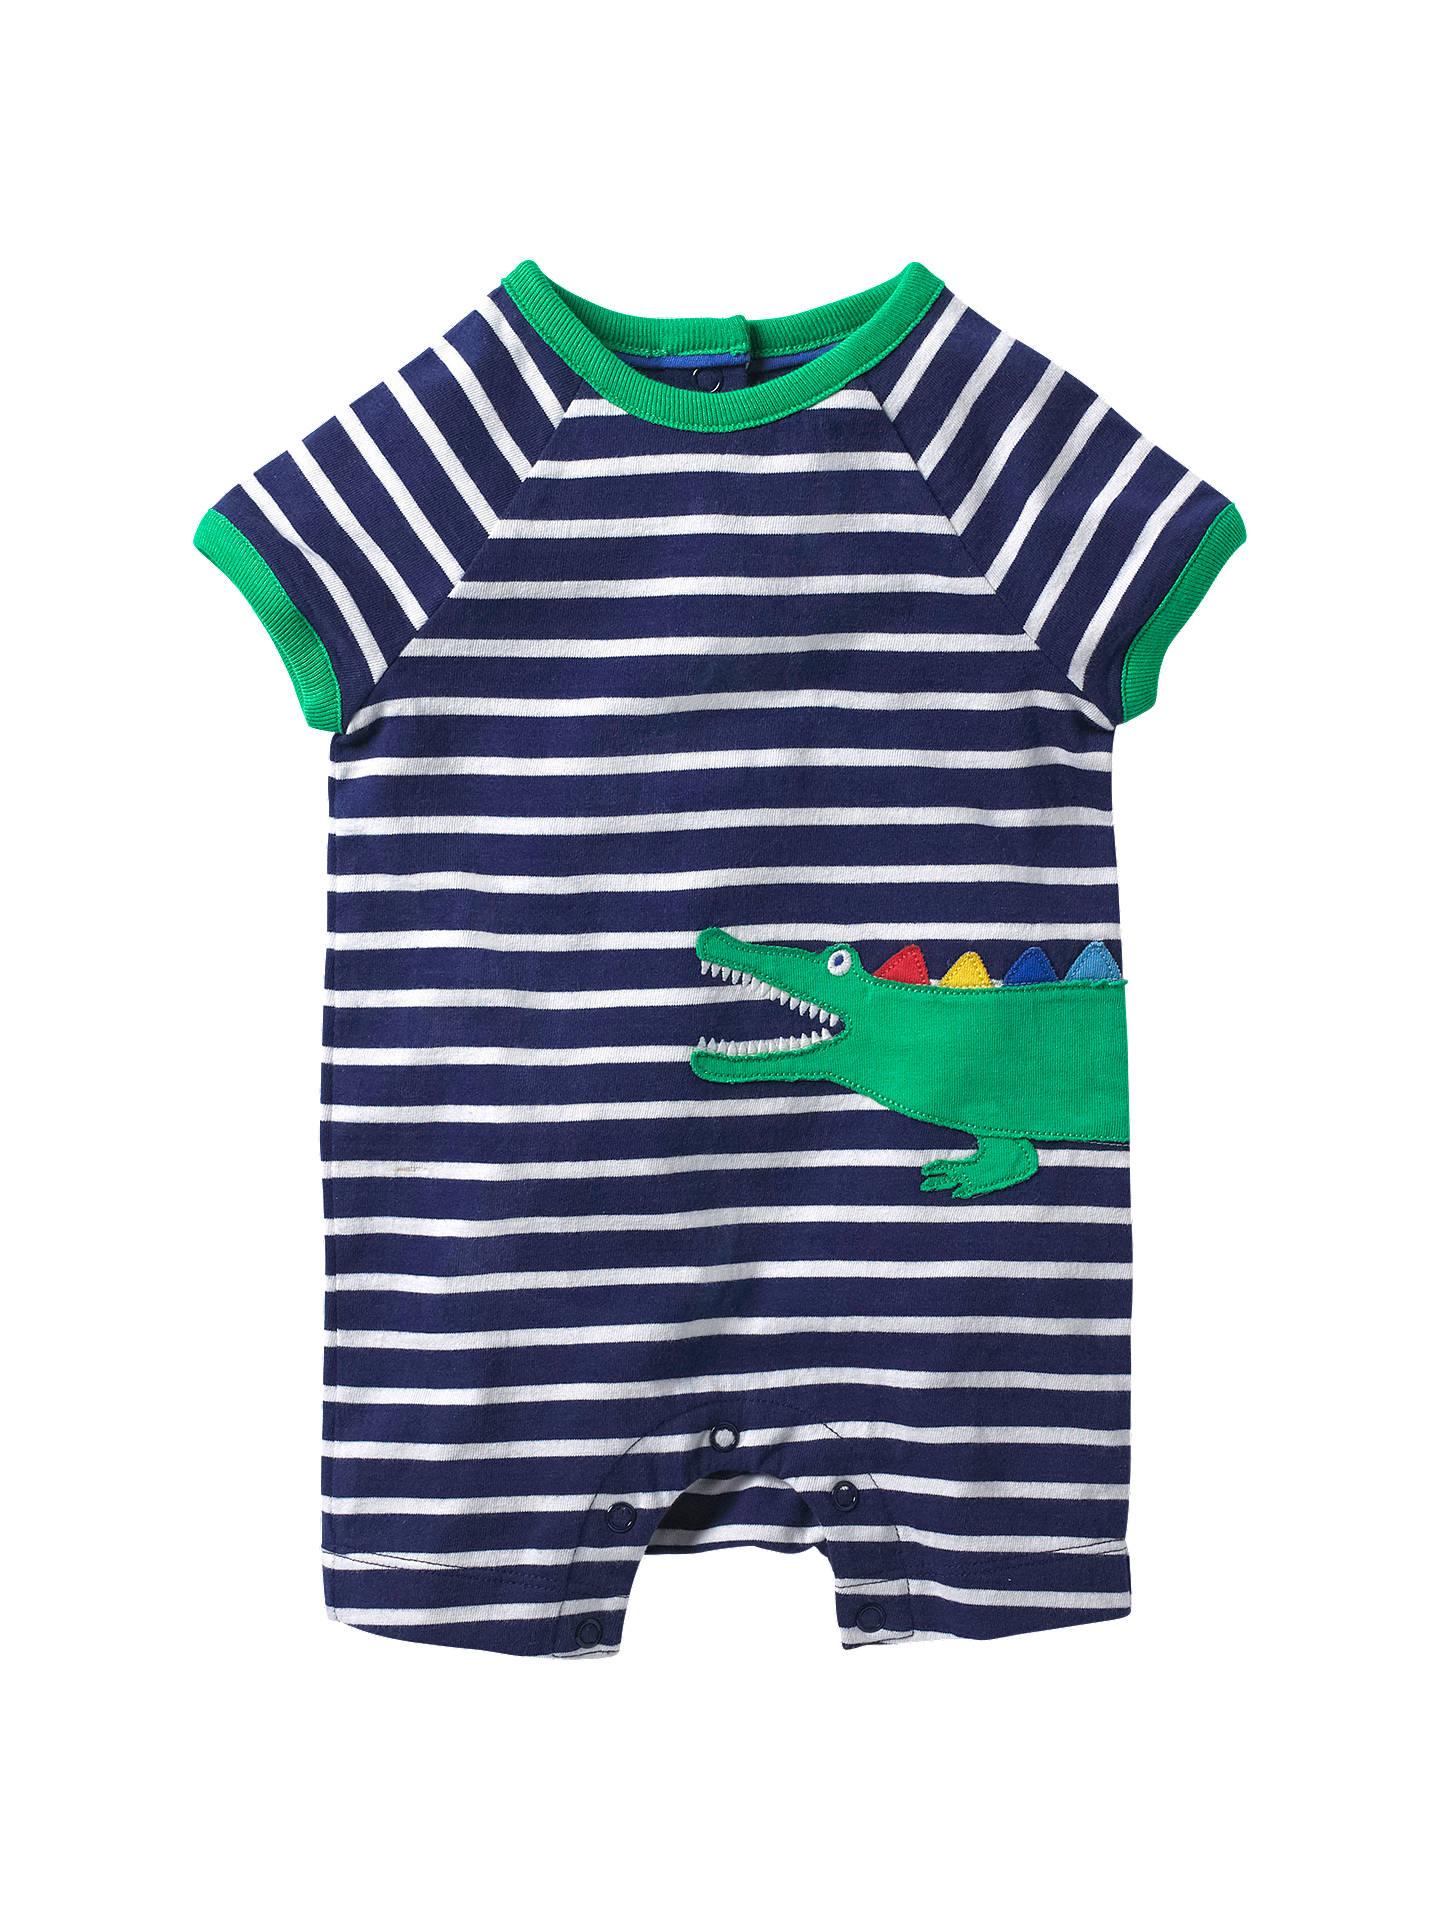 e6771fcad9f1 Buy Mini Boden Baby Stripe Croc Applique Romper